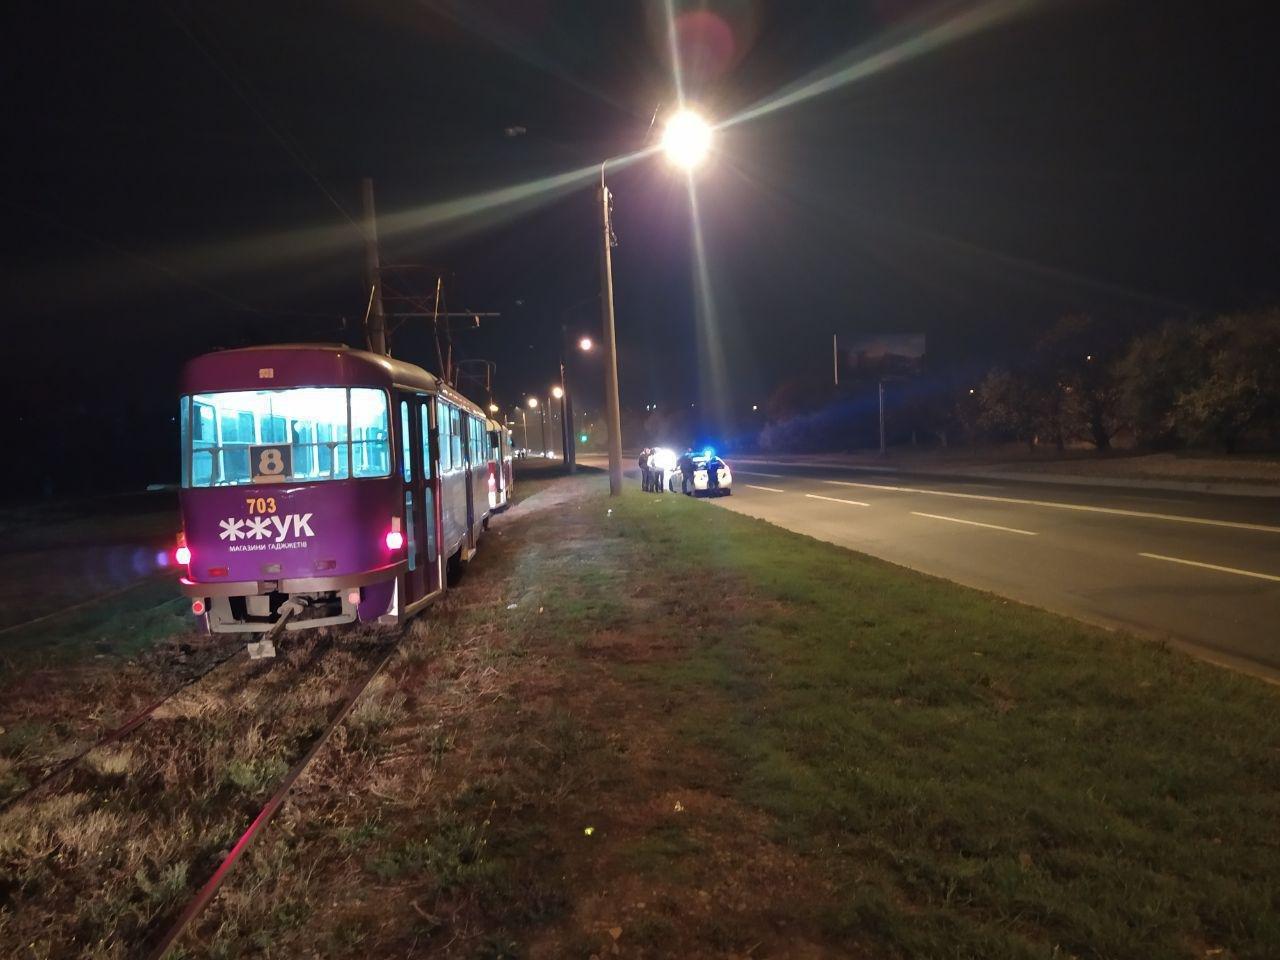 В Харькове неизвестный бросил камень в движущийся трамвай. Пострадала девушка, - ФОТО, фото-1